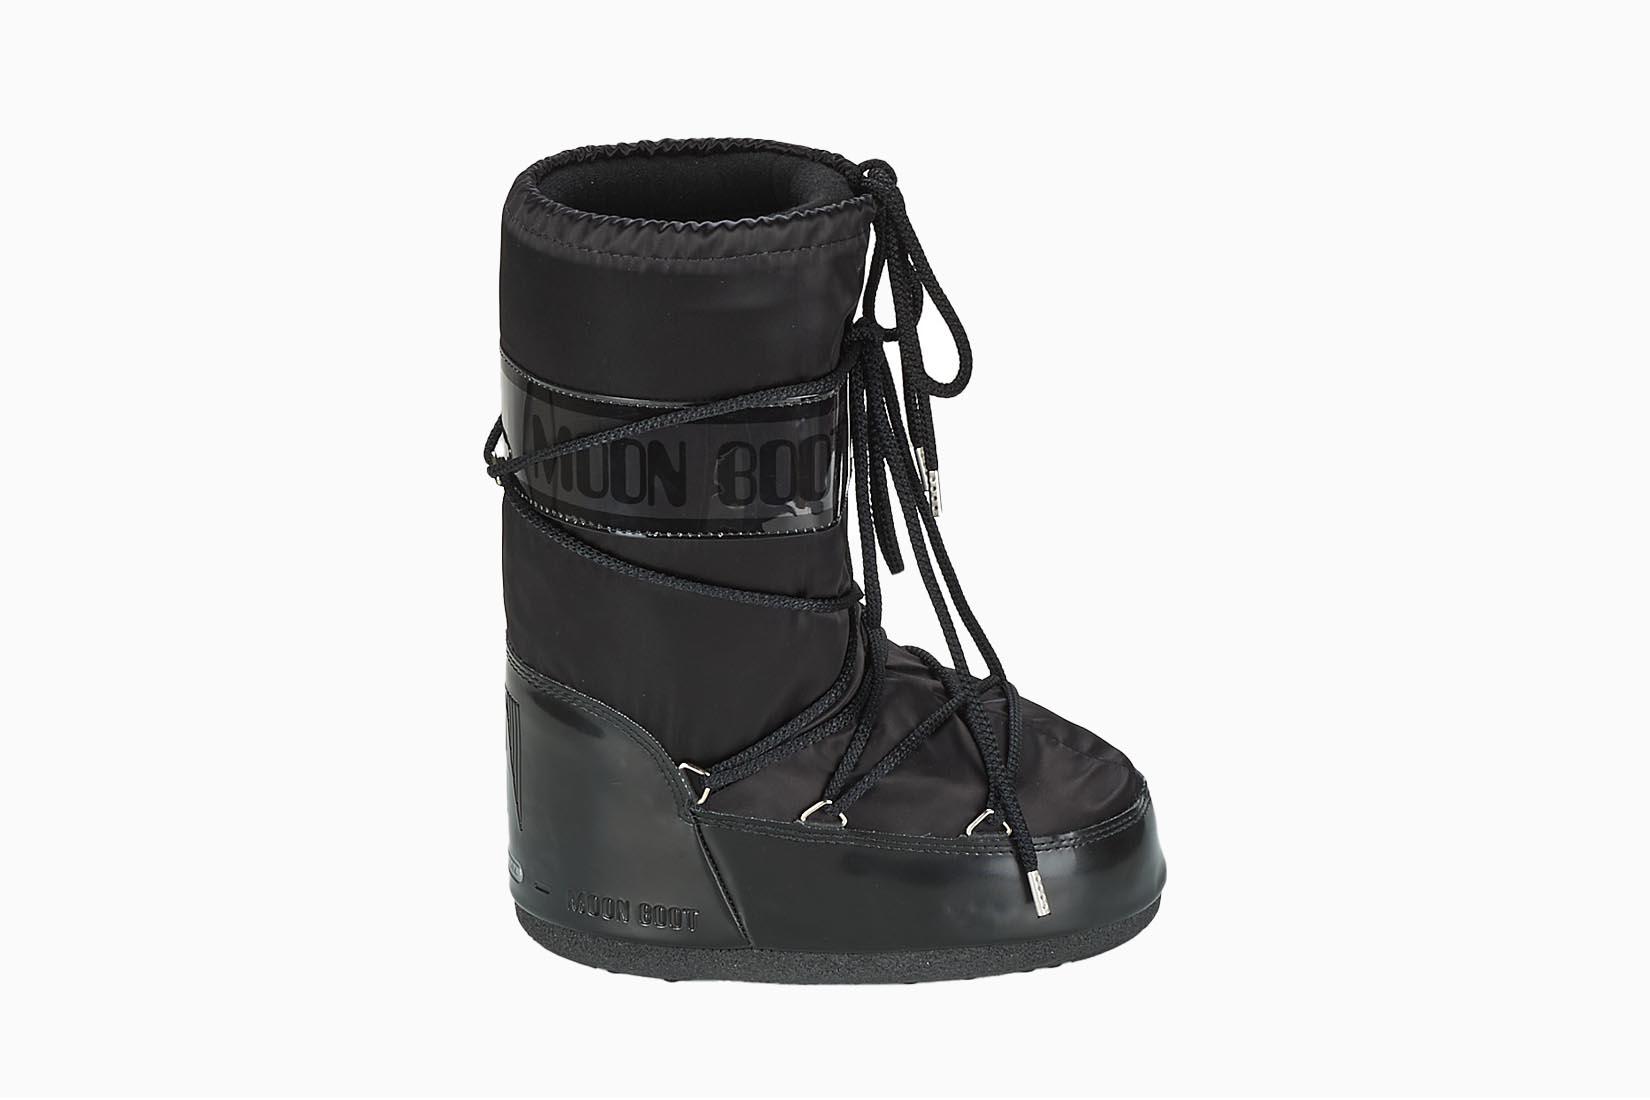 best boots men moon boot waterproof snow boots review Luxe Digital